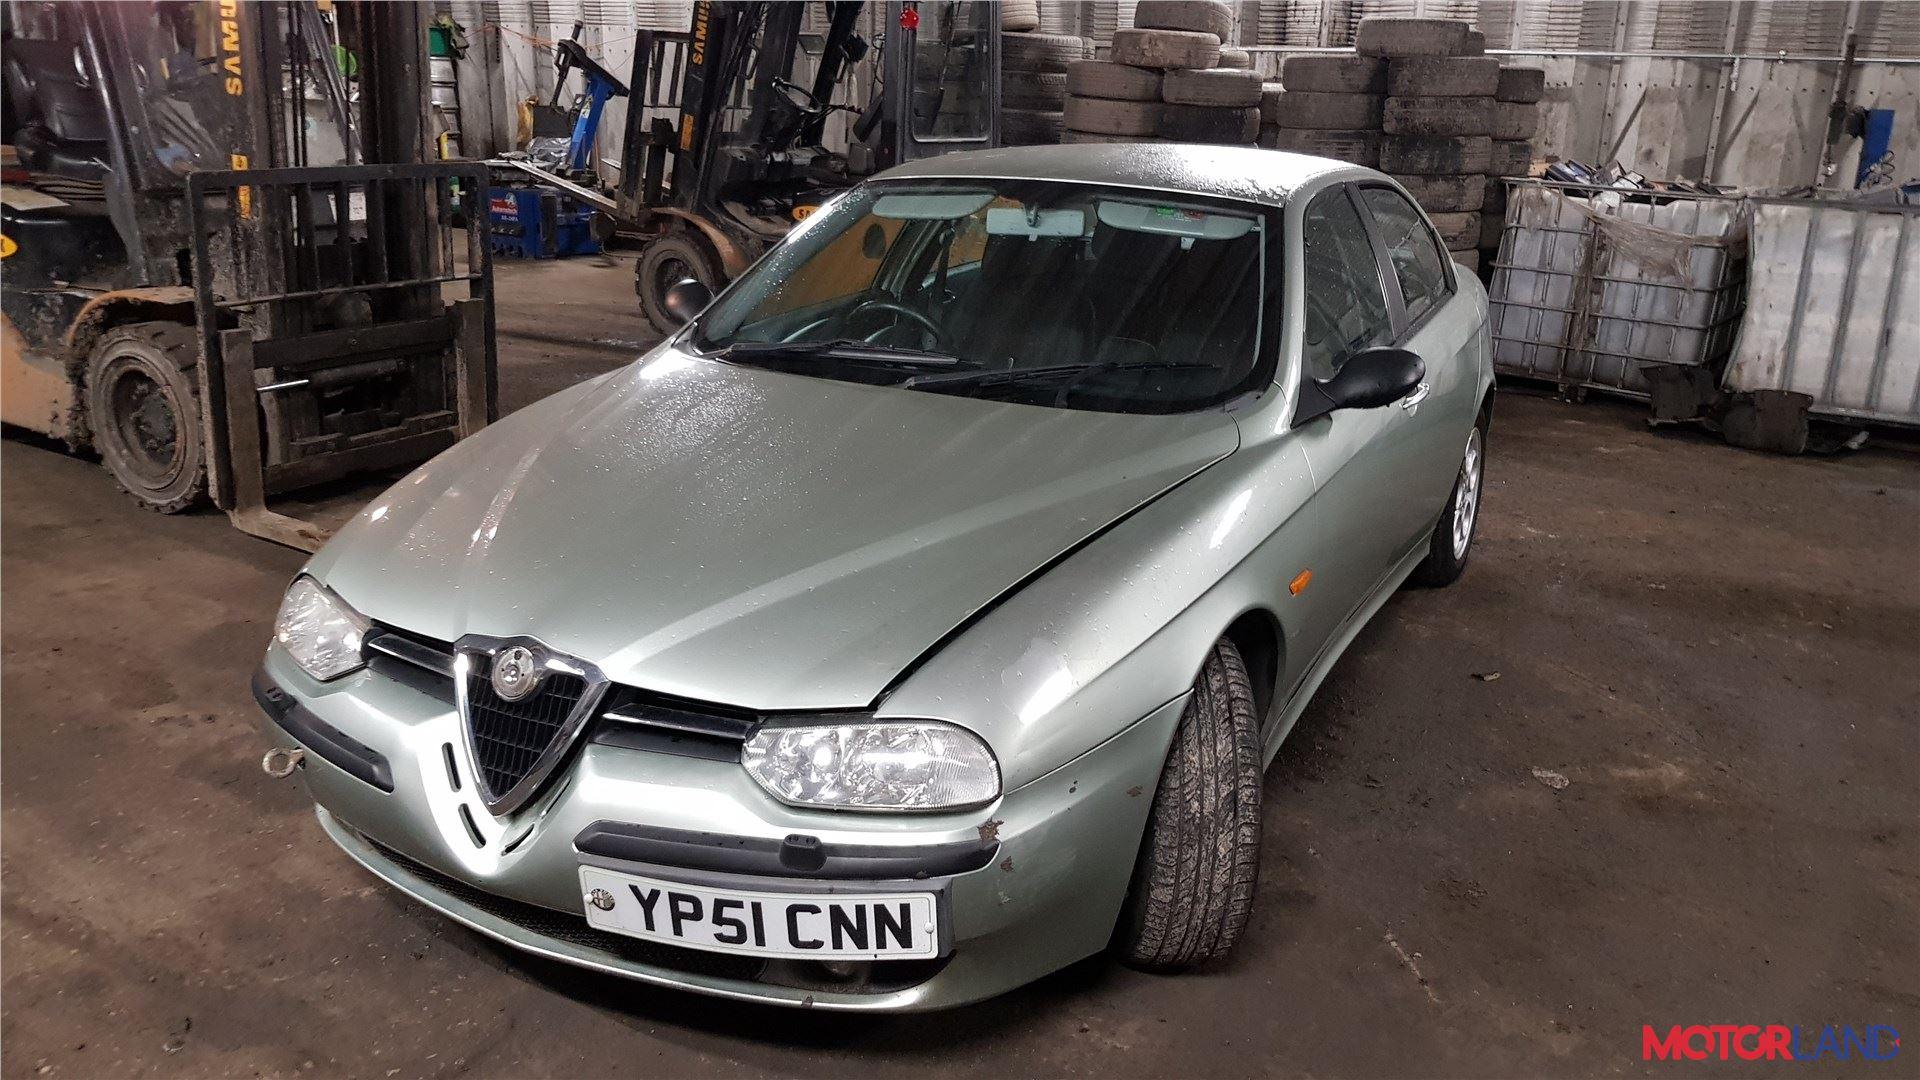 Alfa Romeo 156 1997-2003, разборочный номер T14589 #1